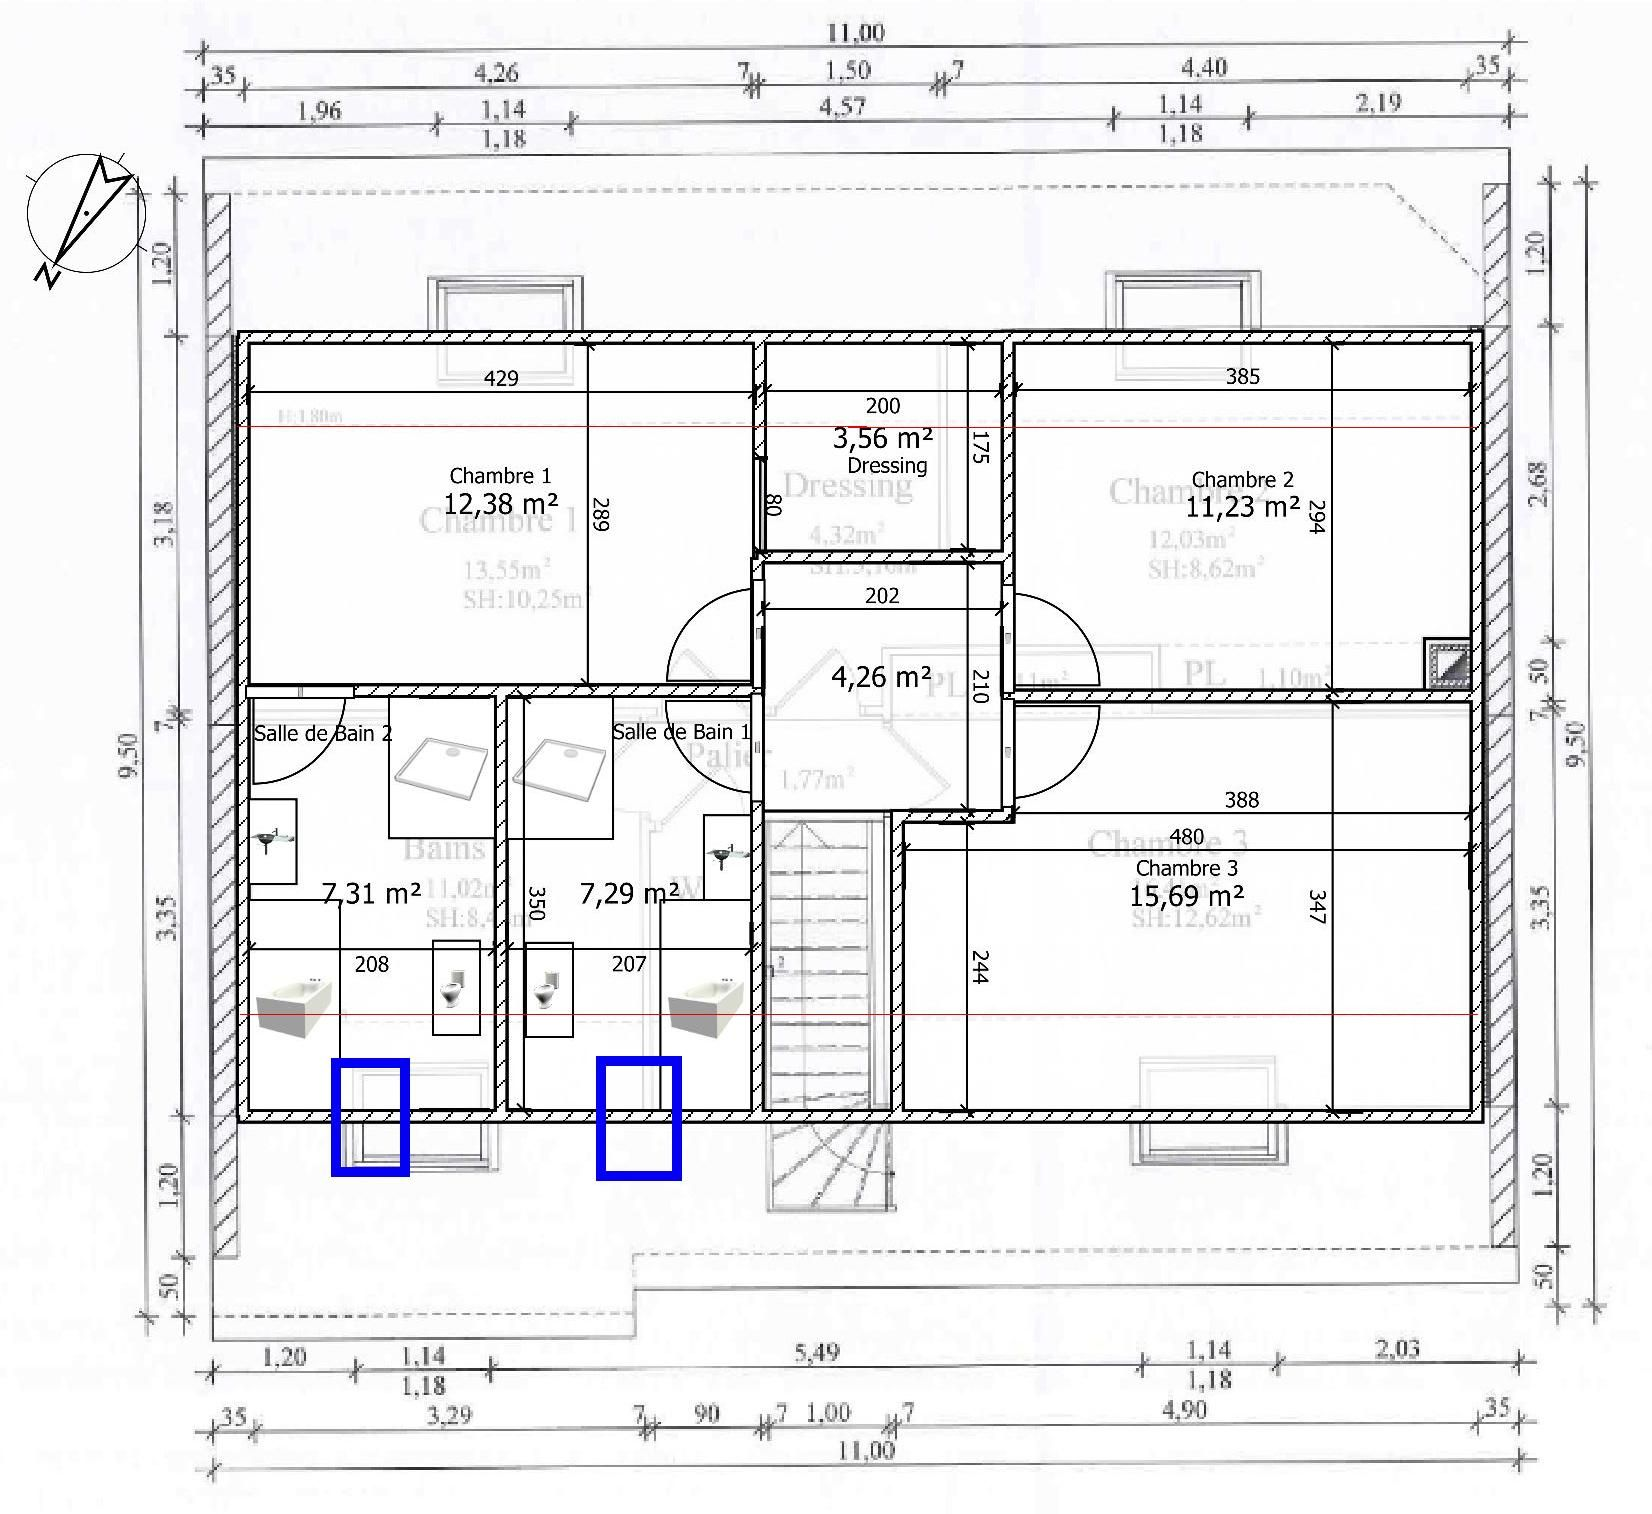 16 Plan Maison Facade 12m How To Plan Facade Good Company